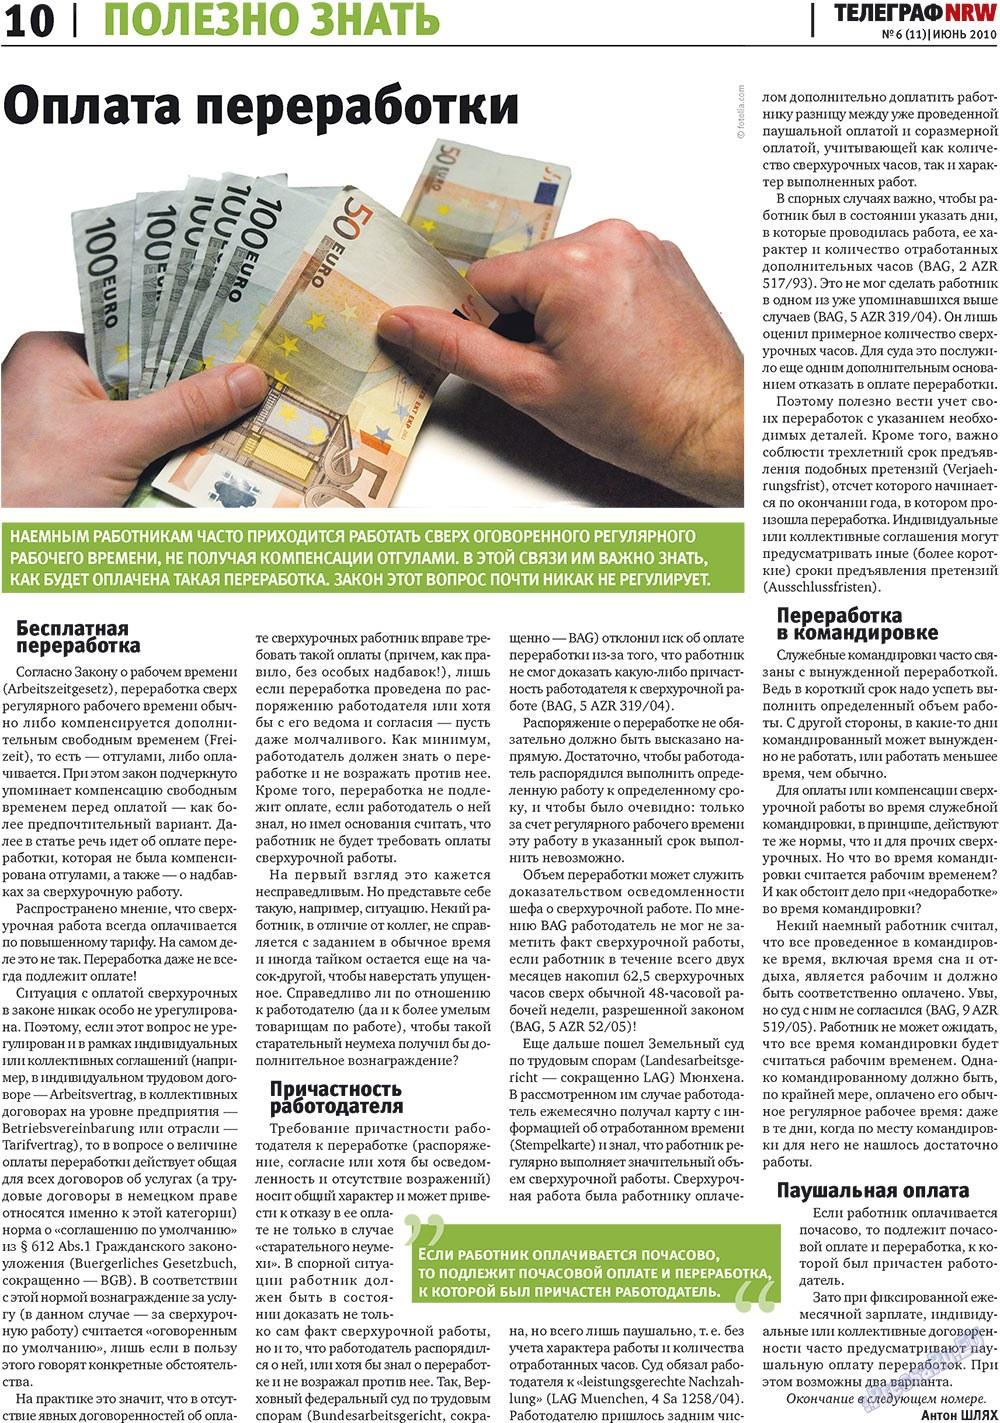 Телеграф NRW (газета). 2010 год, номер 6, стр. 10